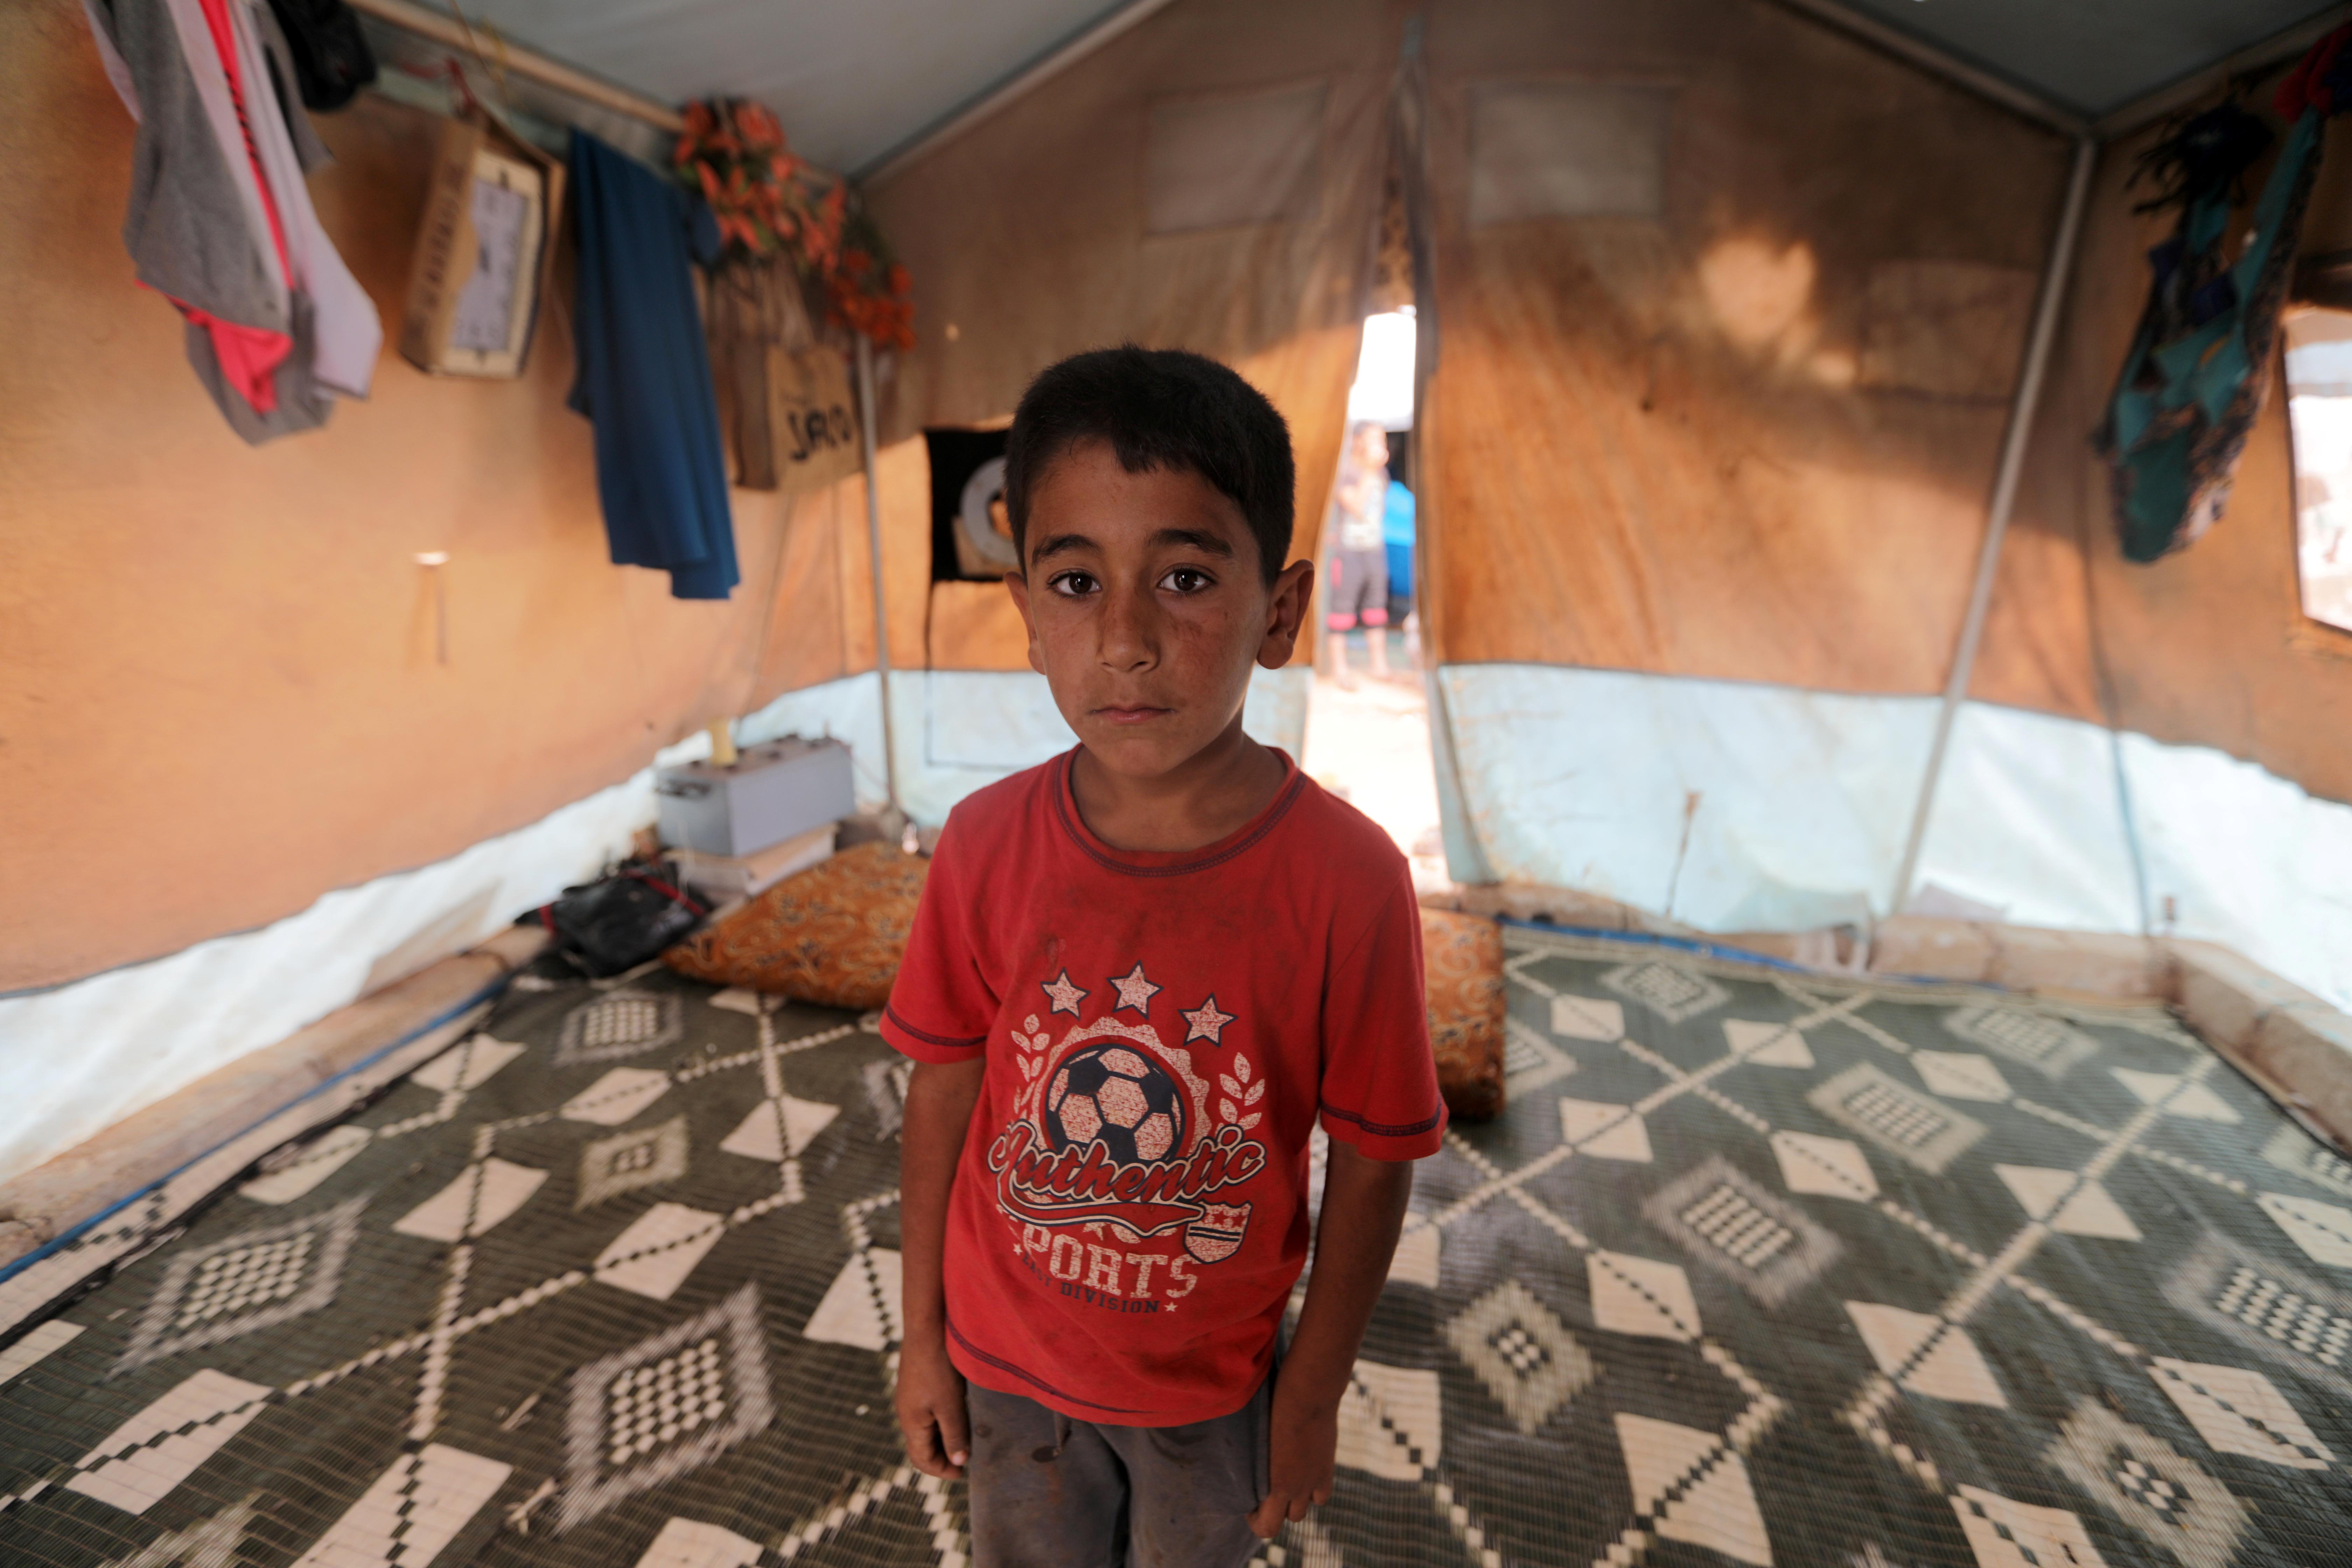 """Mohamed Abdallah, un niño sirio de 7 años desplazado de Jabal al-Zawiya. """"Cada niño representa un año en el levantamiento. Cada niño narra una historia y cada uno tiene su historia única de la guerra"""", explicó el fotógrafo Khalil Ashawi. (REUTERS / Khalil Ashawi)"""